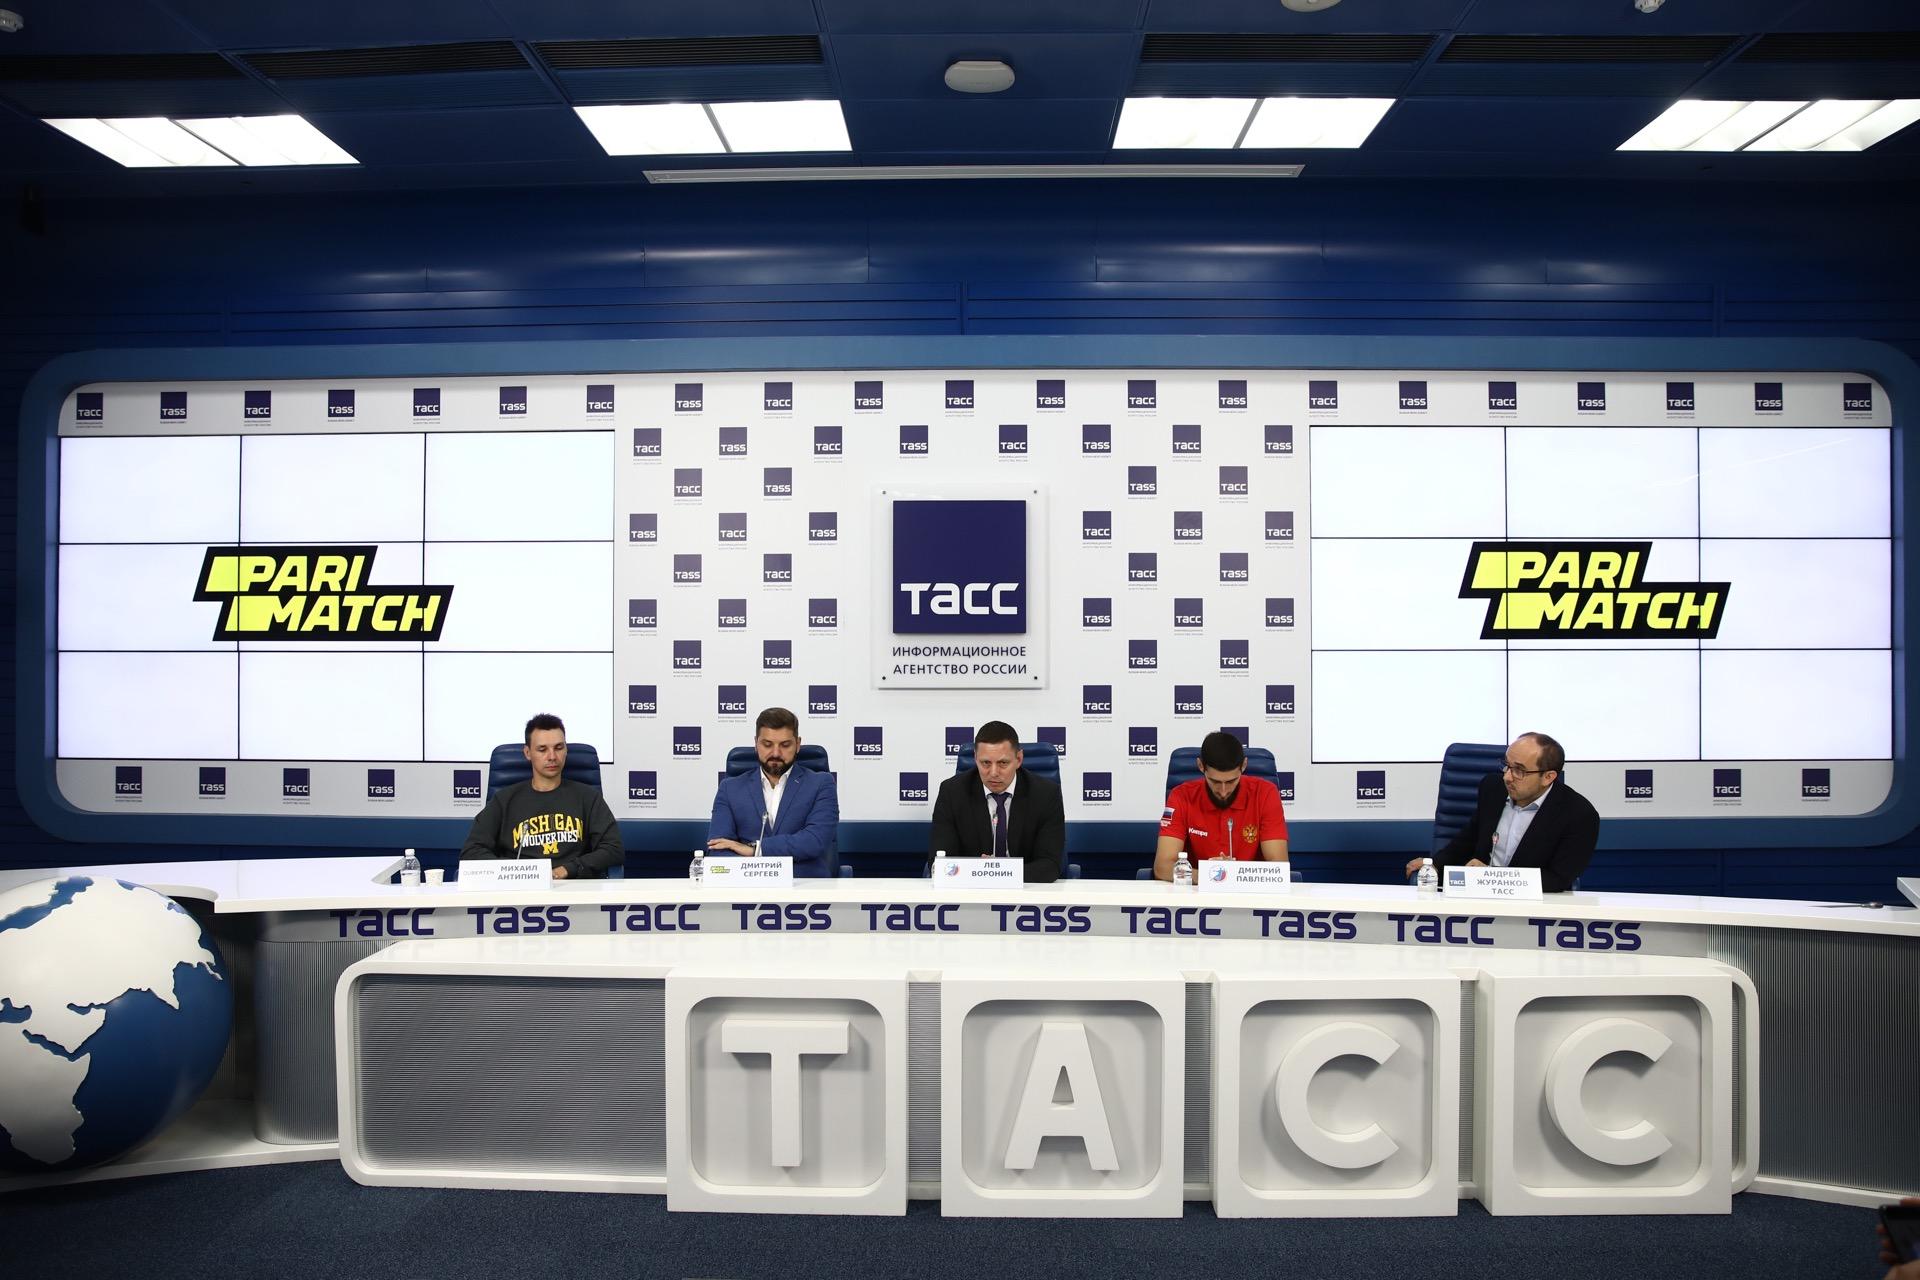 Париматч заключил договор с Федерацией Гандбола России о сотрудничестве